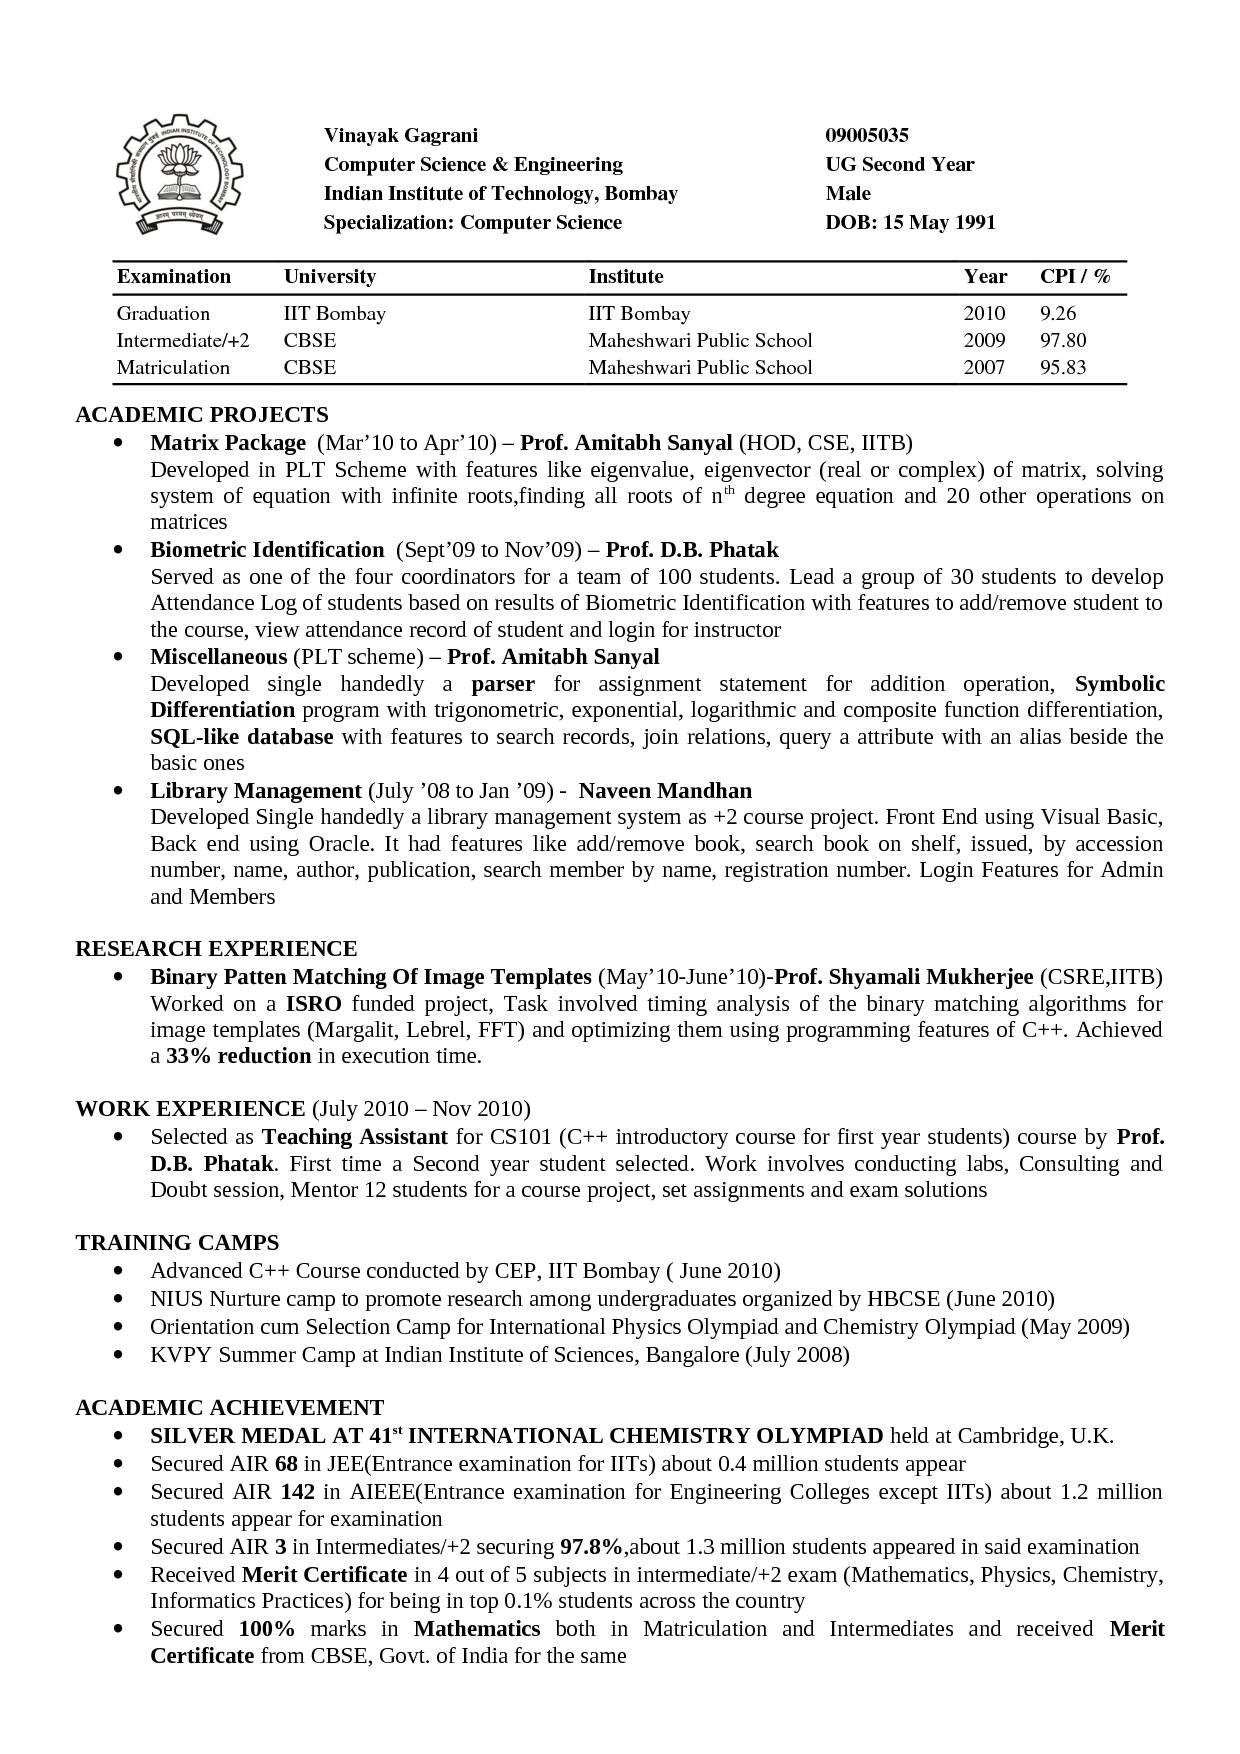 computer science resumes reddit resume sample for ojt student format - Computer Science Resume Reddit